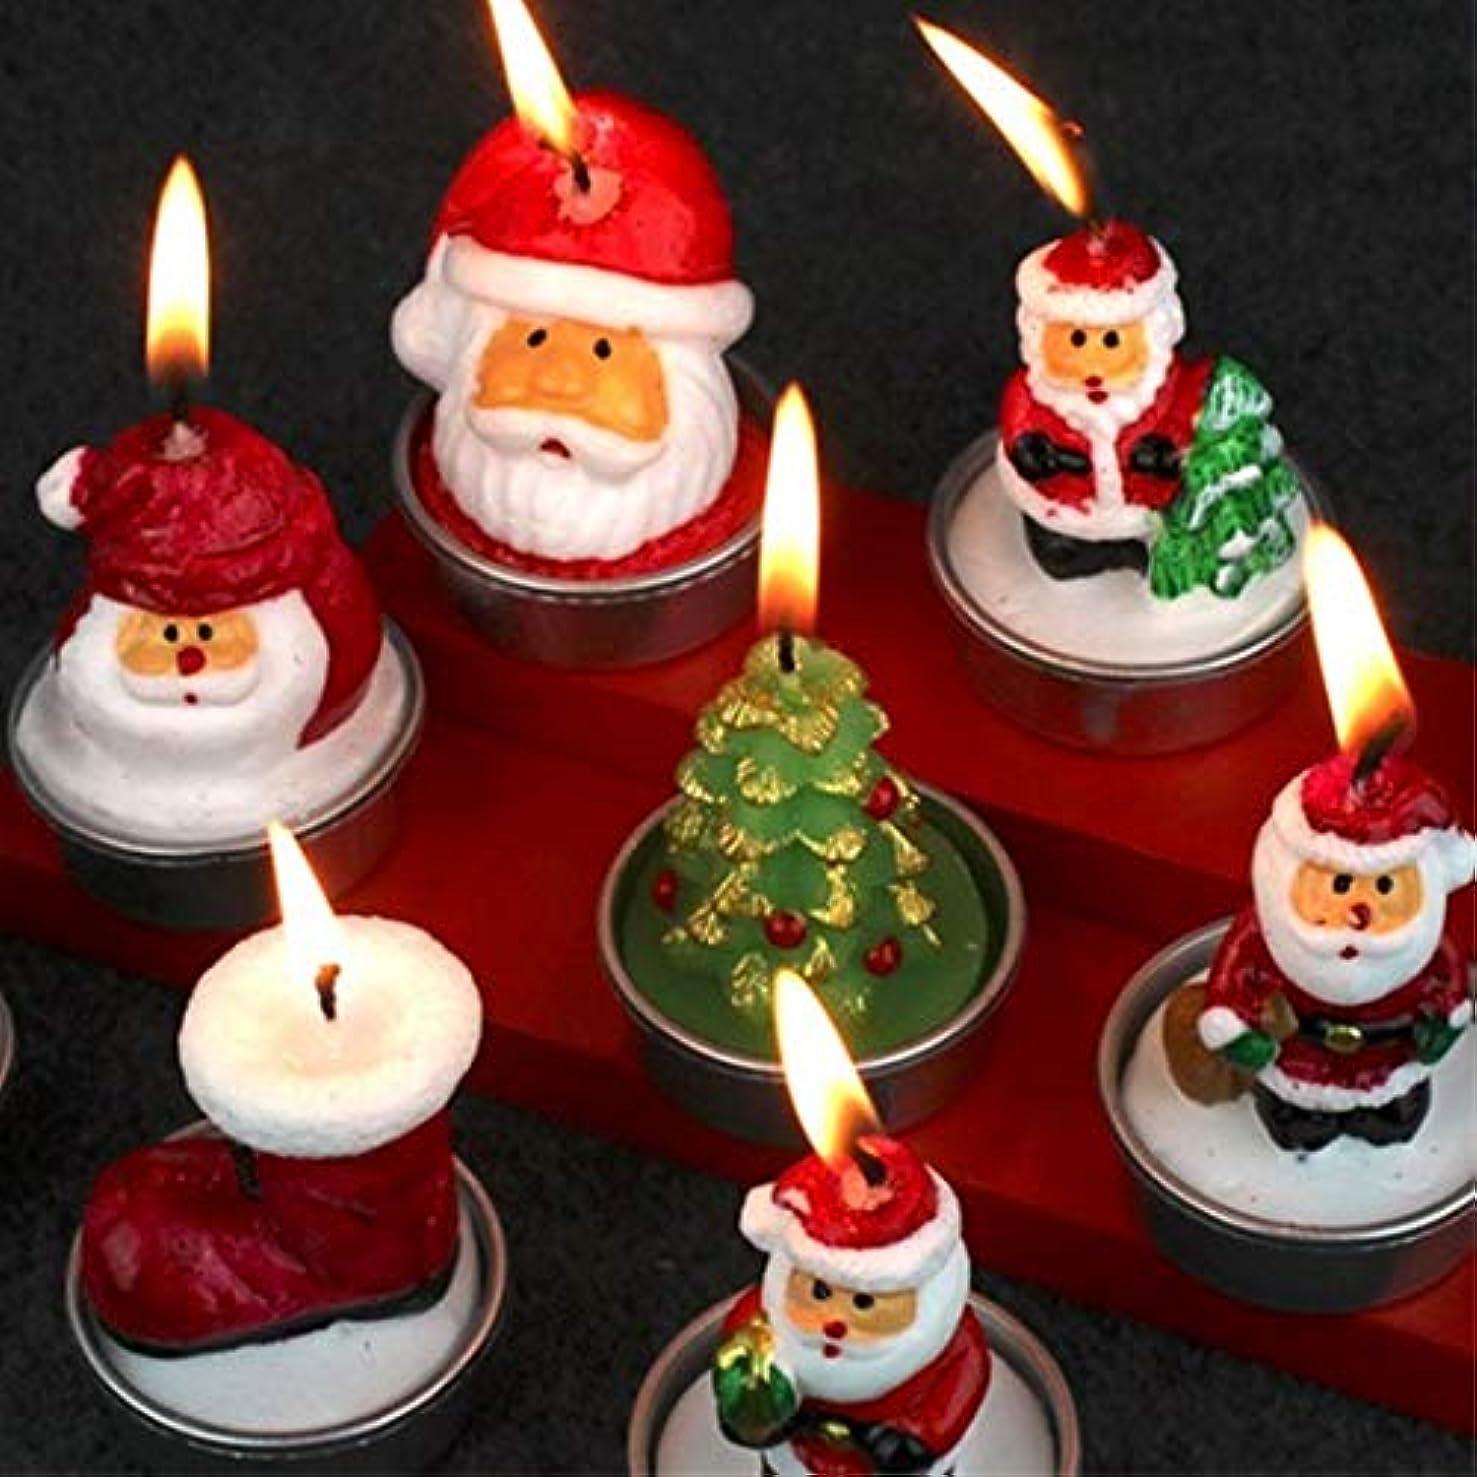 吹雪同意するウッズLabos 家族の休日の装飾パーティーの装飾新年の装飾用品に使用クリスマスサンタクロースクリスマスキャンドル、ランダム配信